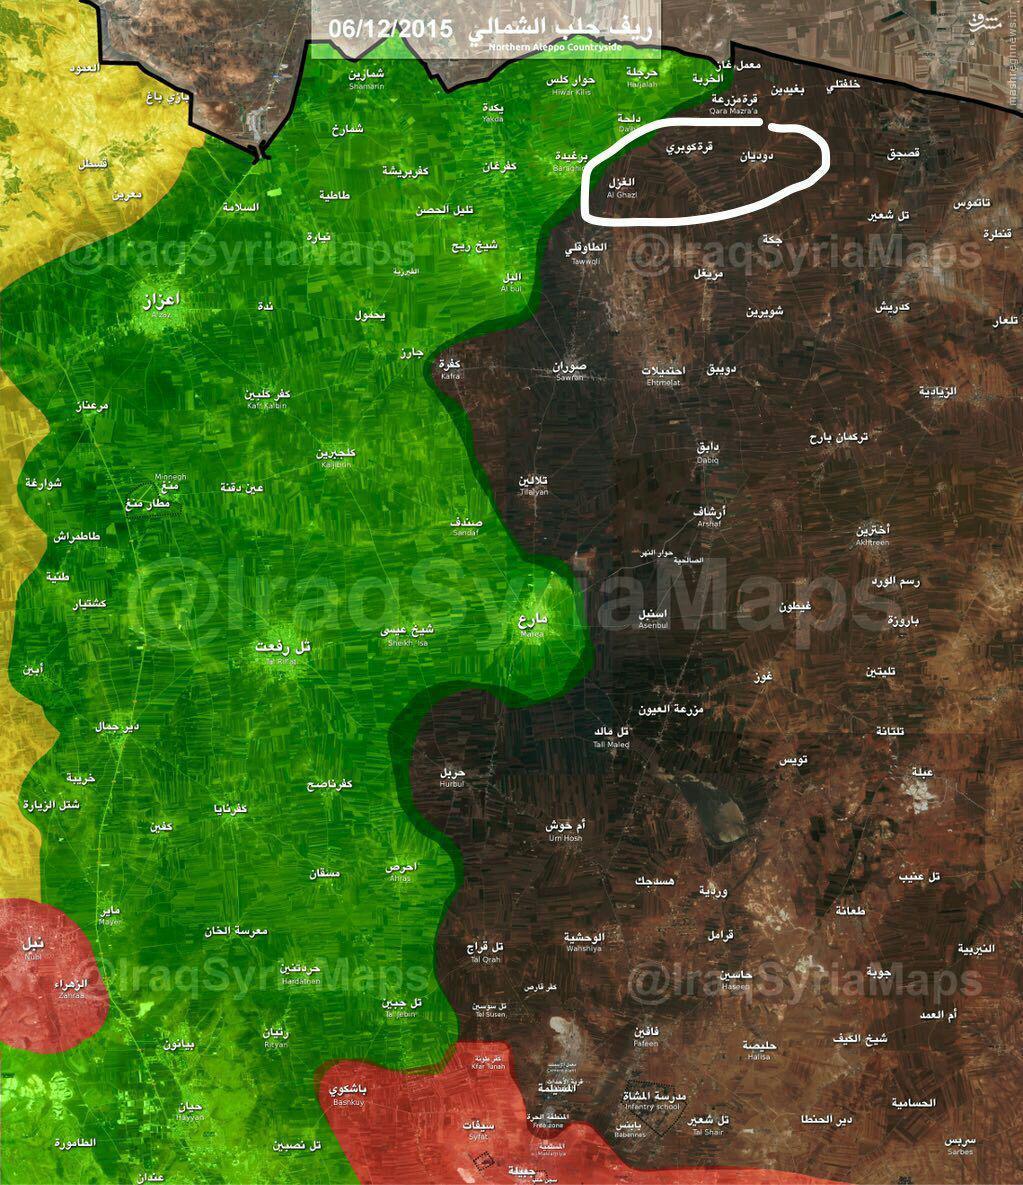 درگیریهای خونین داعش و رقبا در شمال حلب+تصاویر